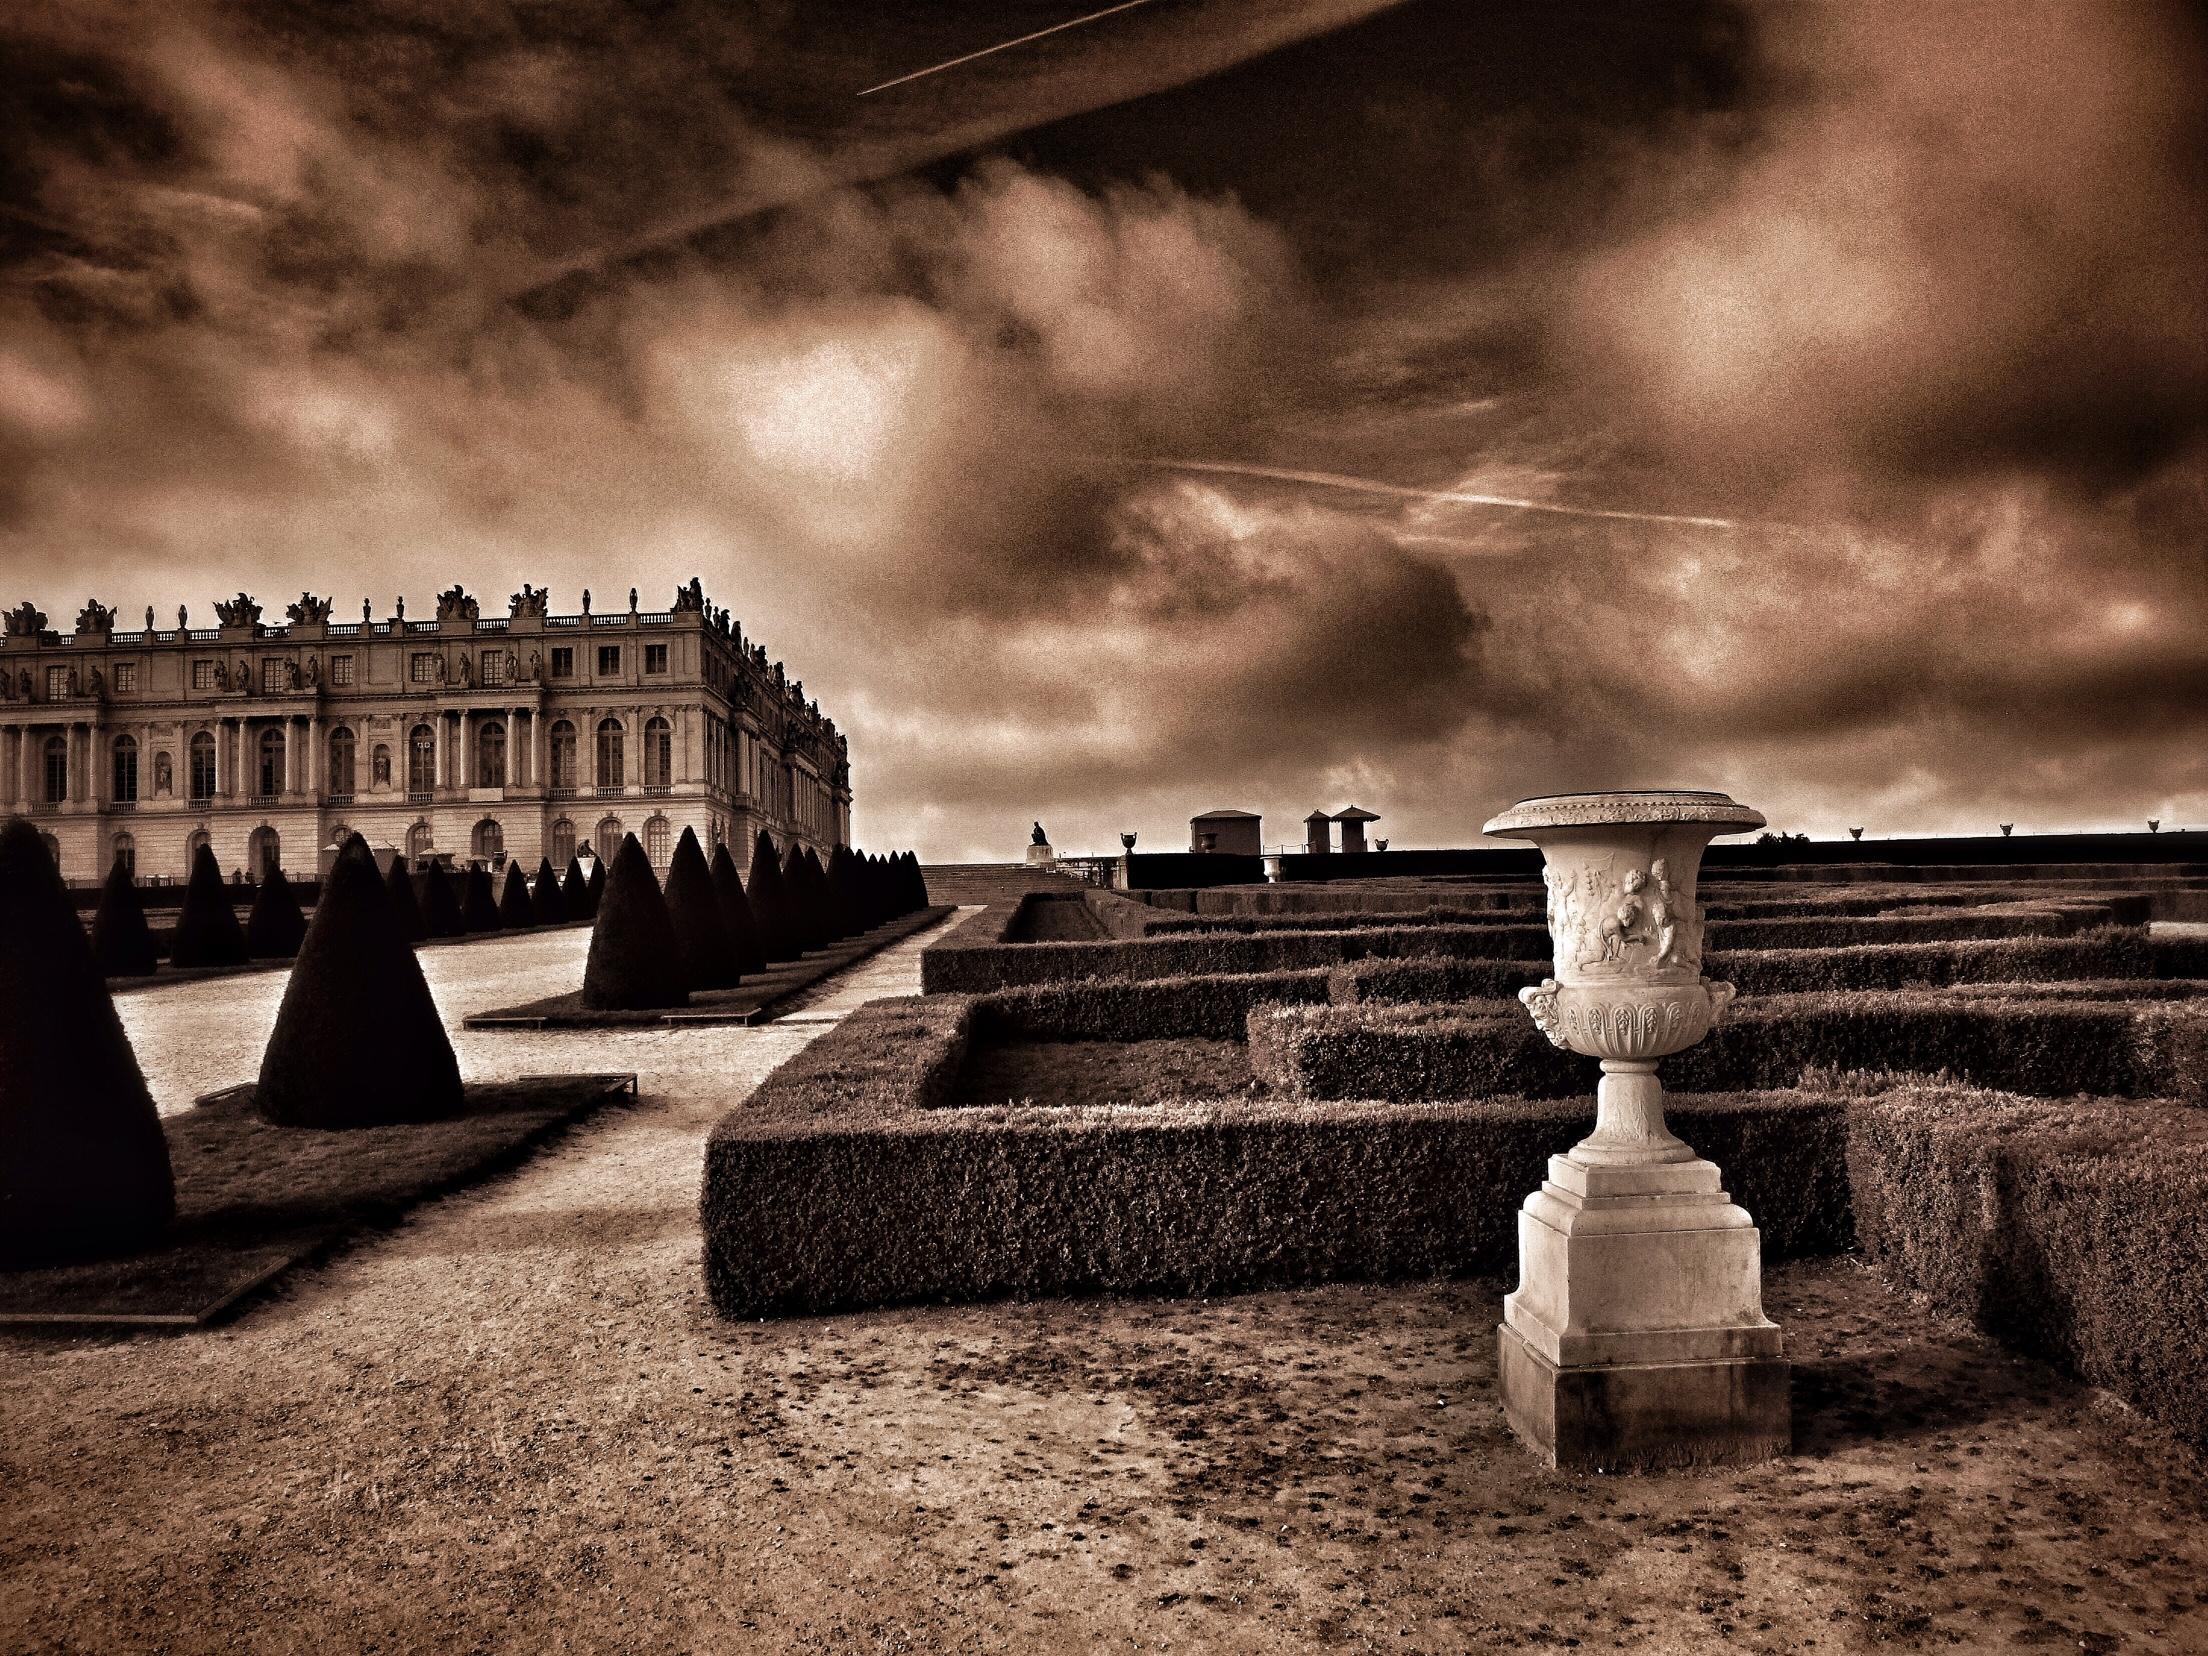 Jardines del Palacio de Versalles en Paris, Francia. (Foto suministrada)